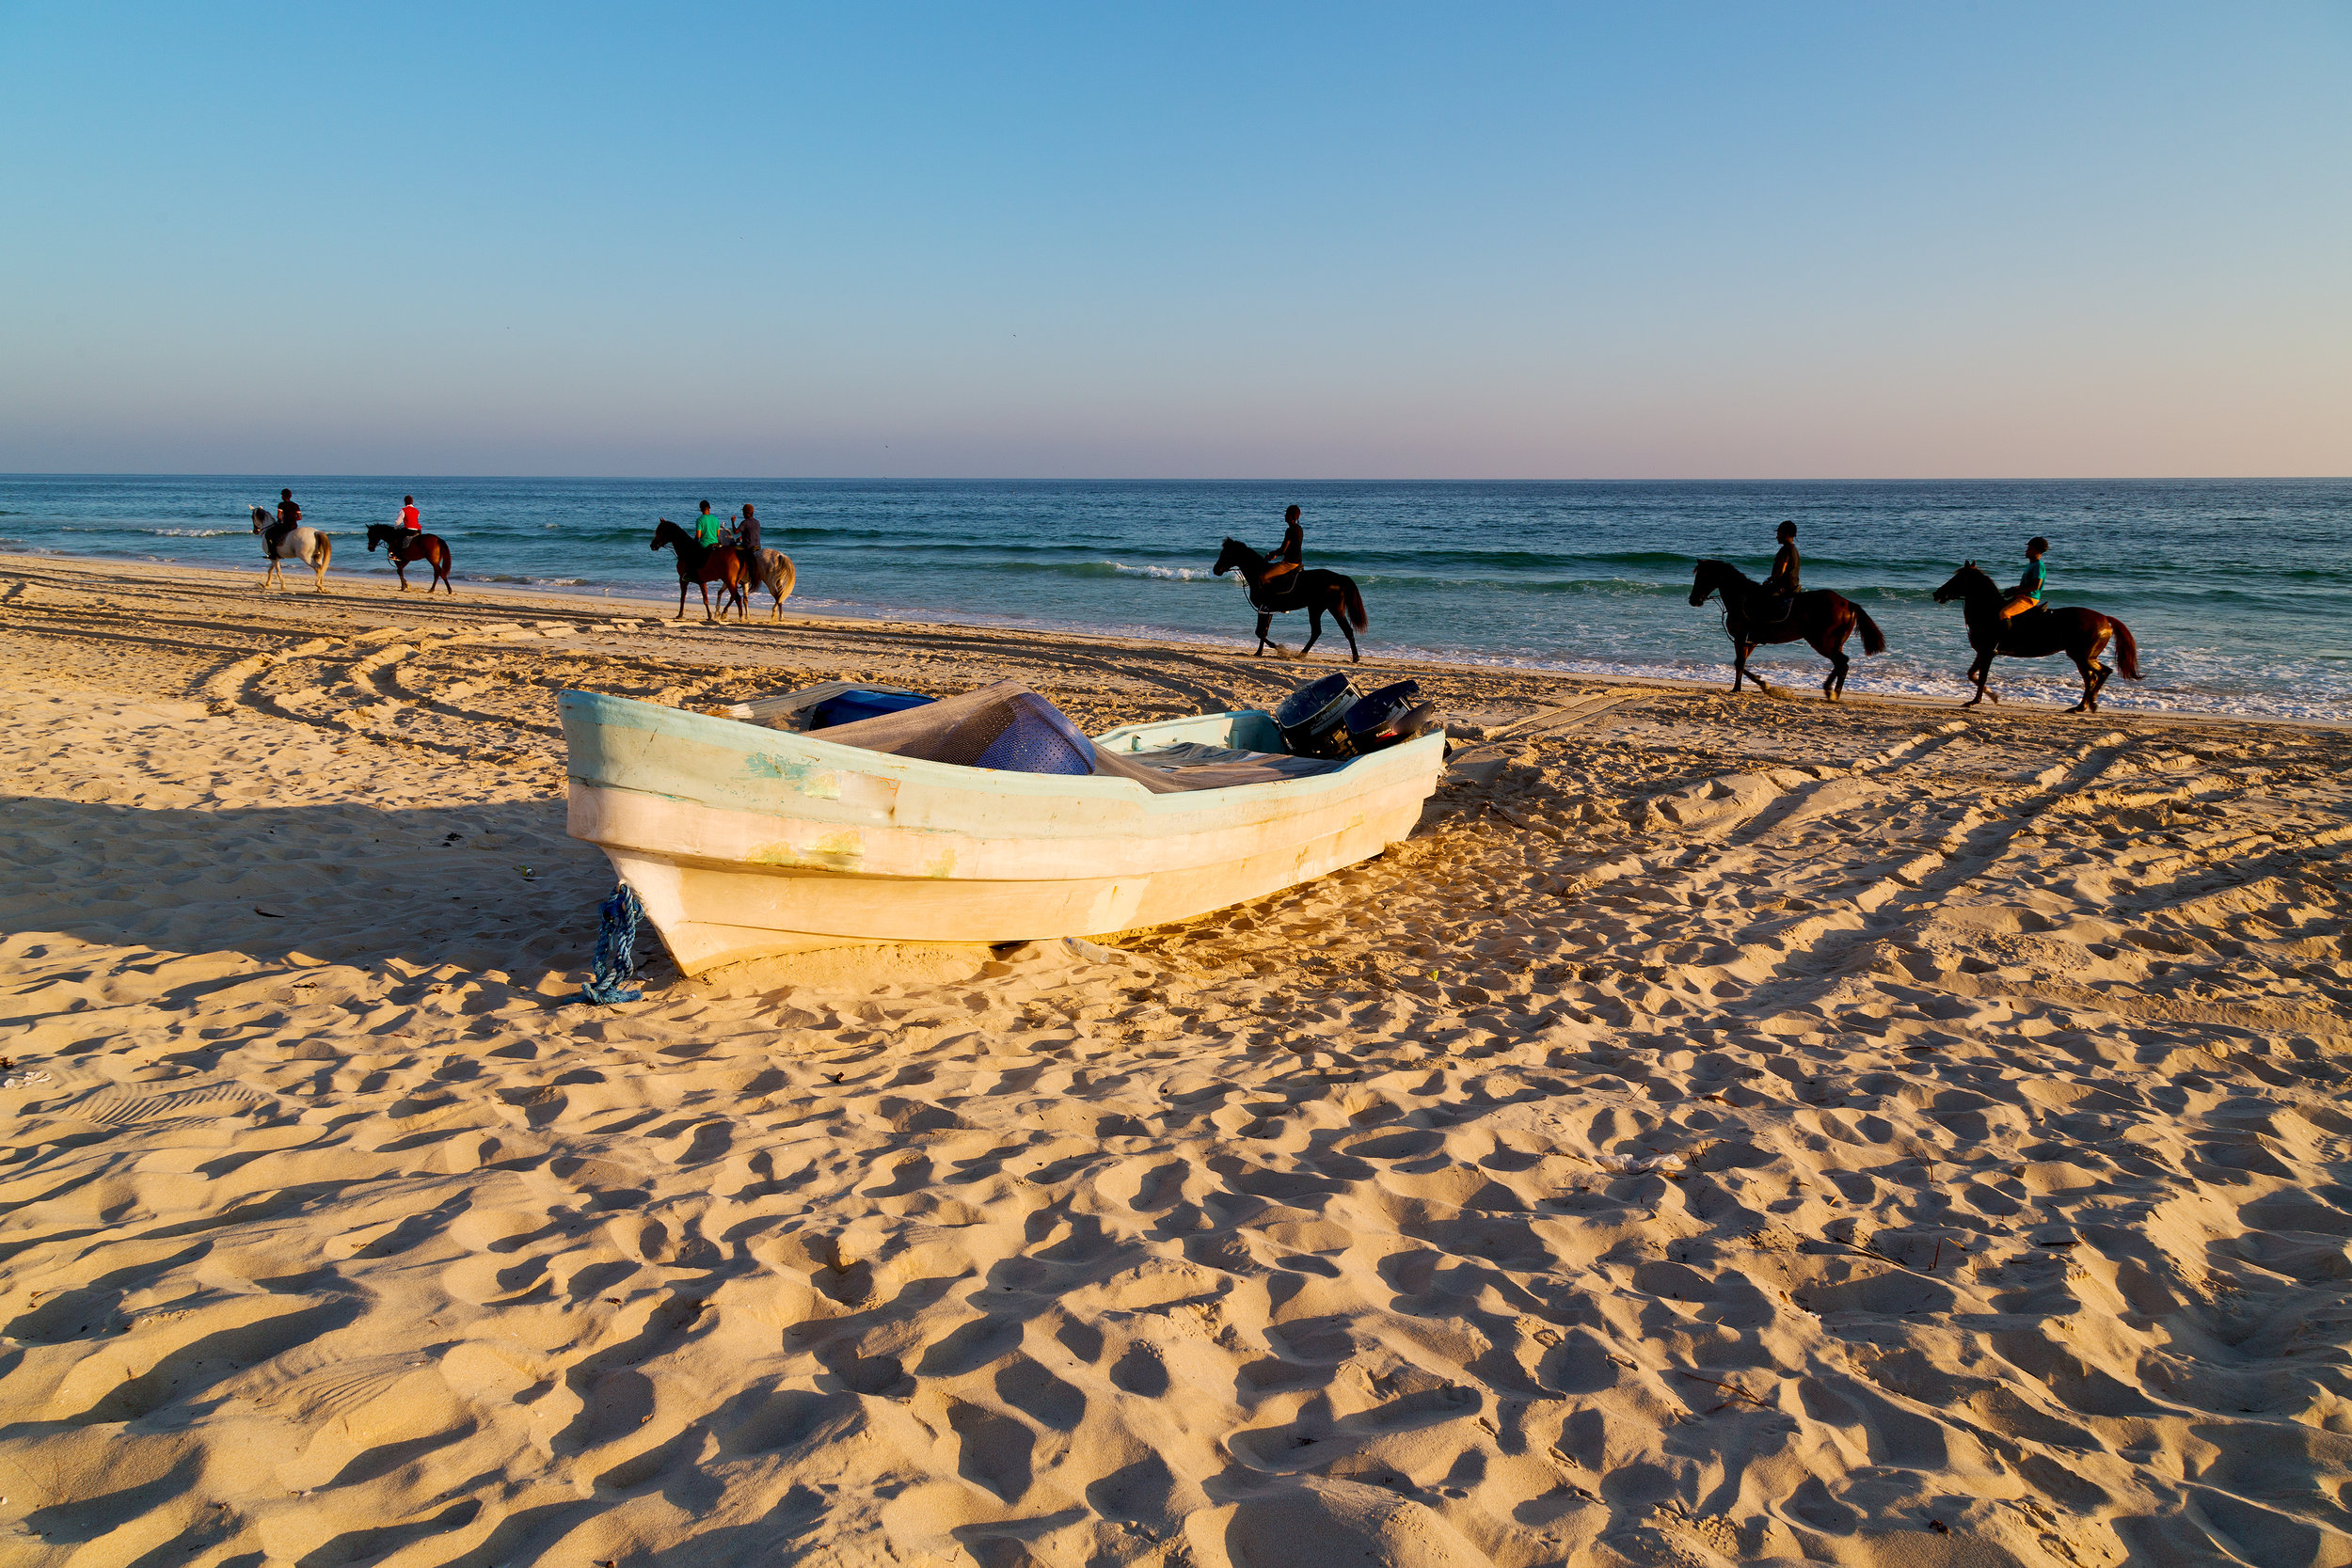 Bli med på rundreise i Oman og opplev både Muscat ved den vakre gullkysten og gyldne ørkener, naturperler og imponerende kontraster.